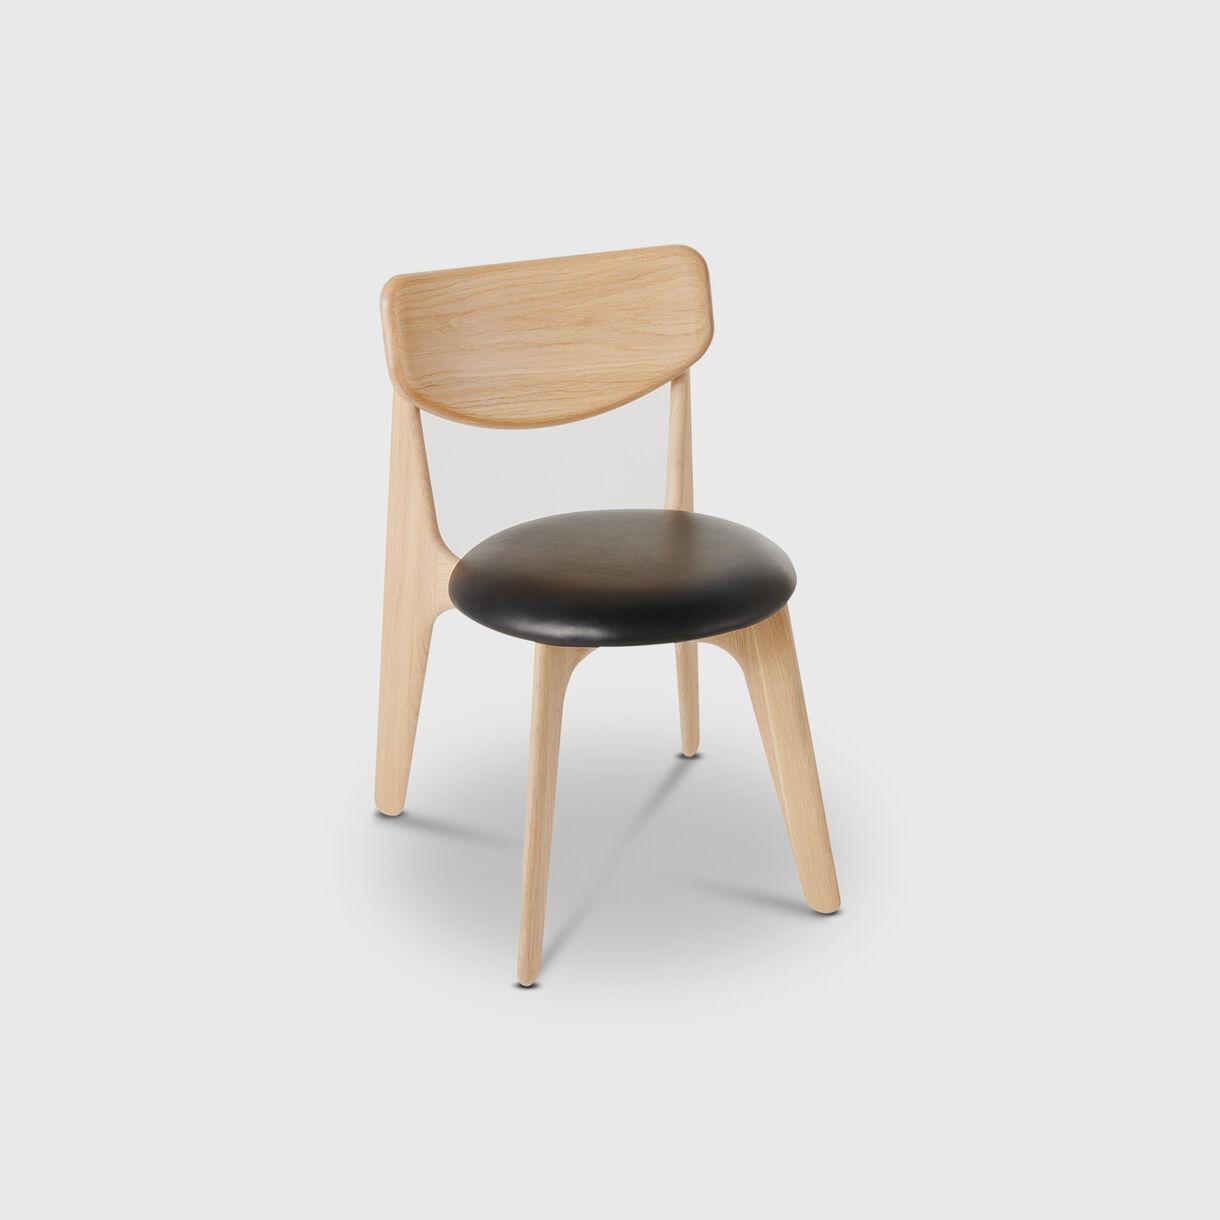 Slab Side Chair, Natural Oak, Upholstered